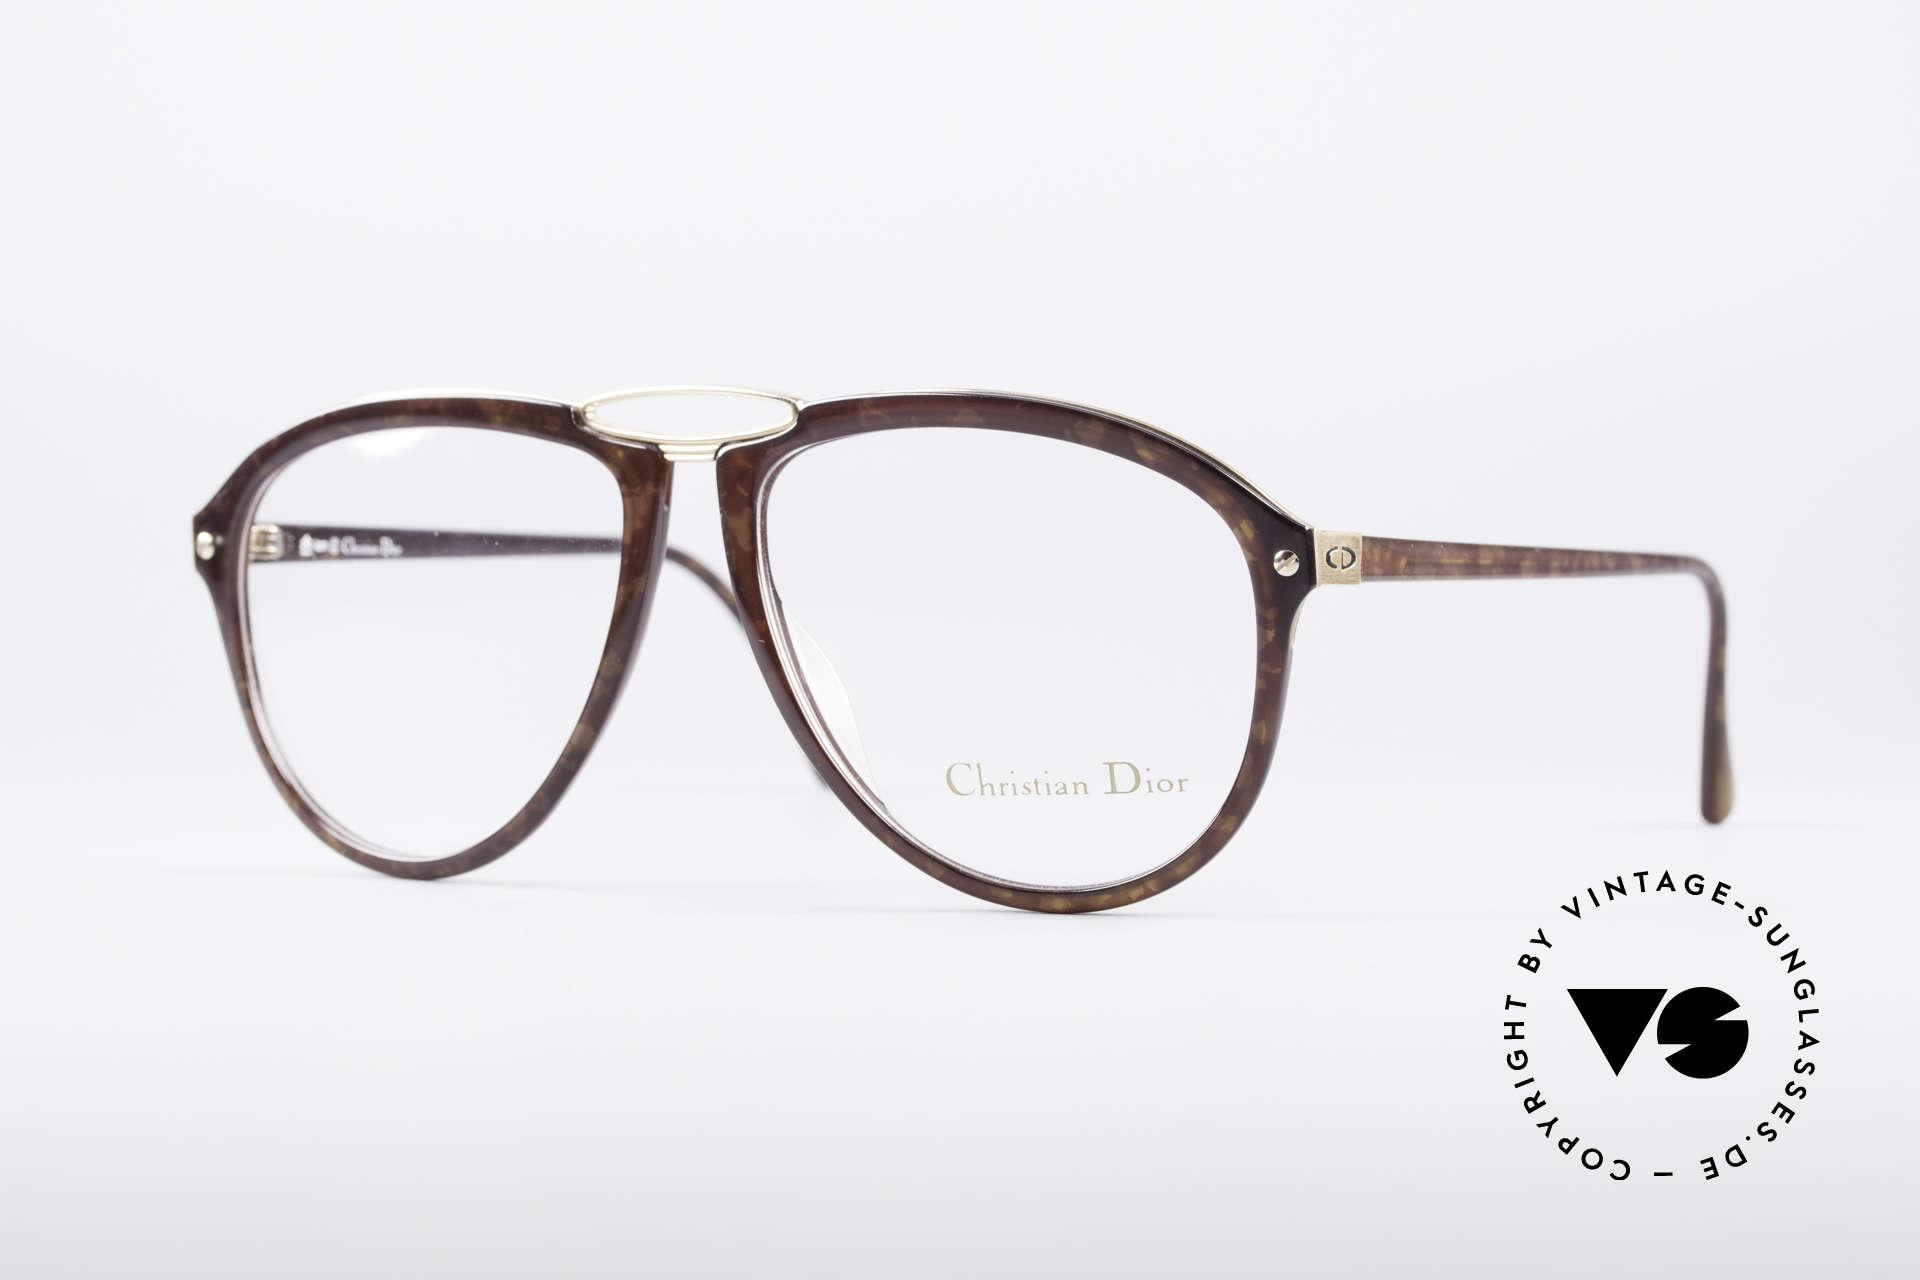 Christian Dior 2523 80's No Retro Glasses, unique vintage designer glasses by Christian Dior, Made for Men